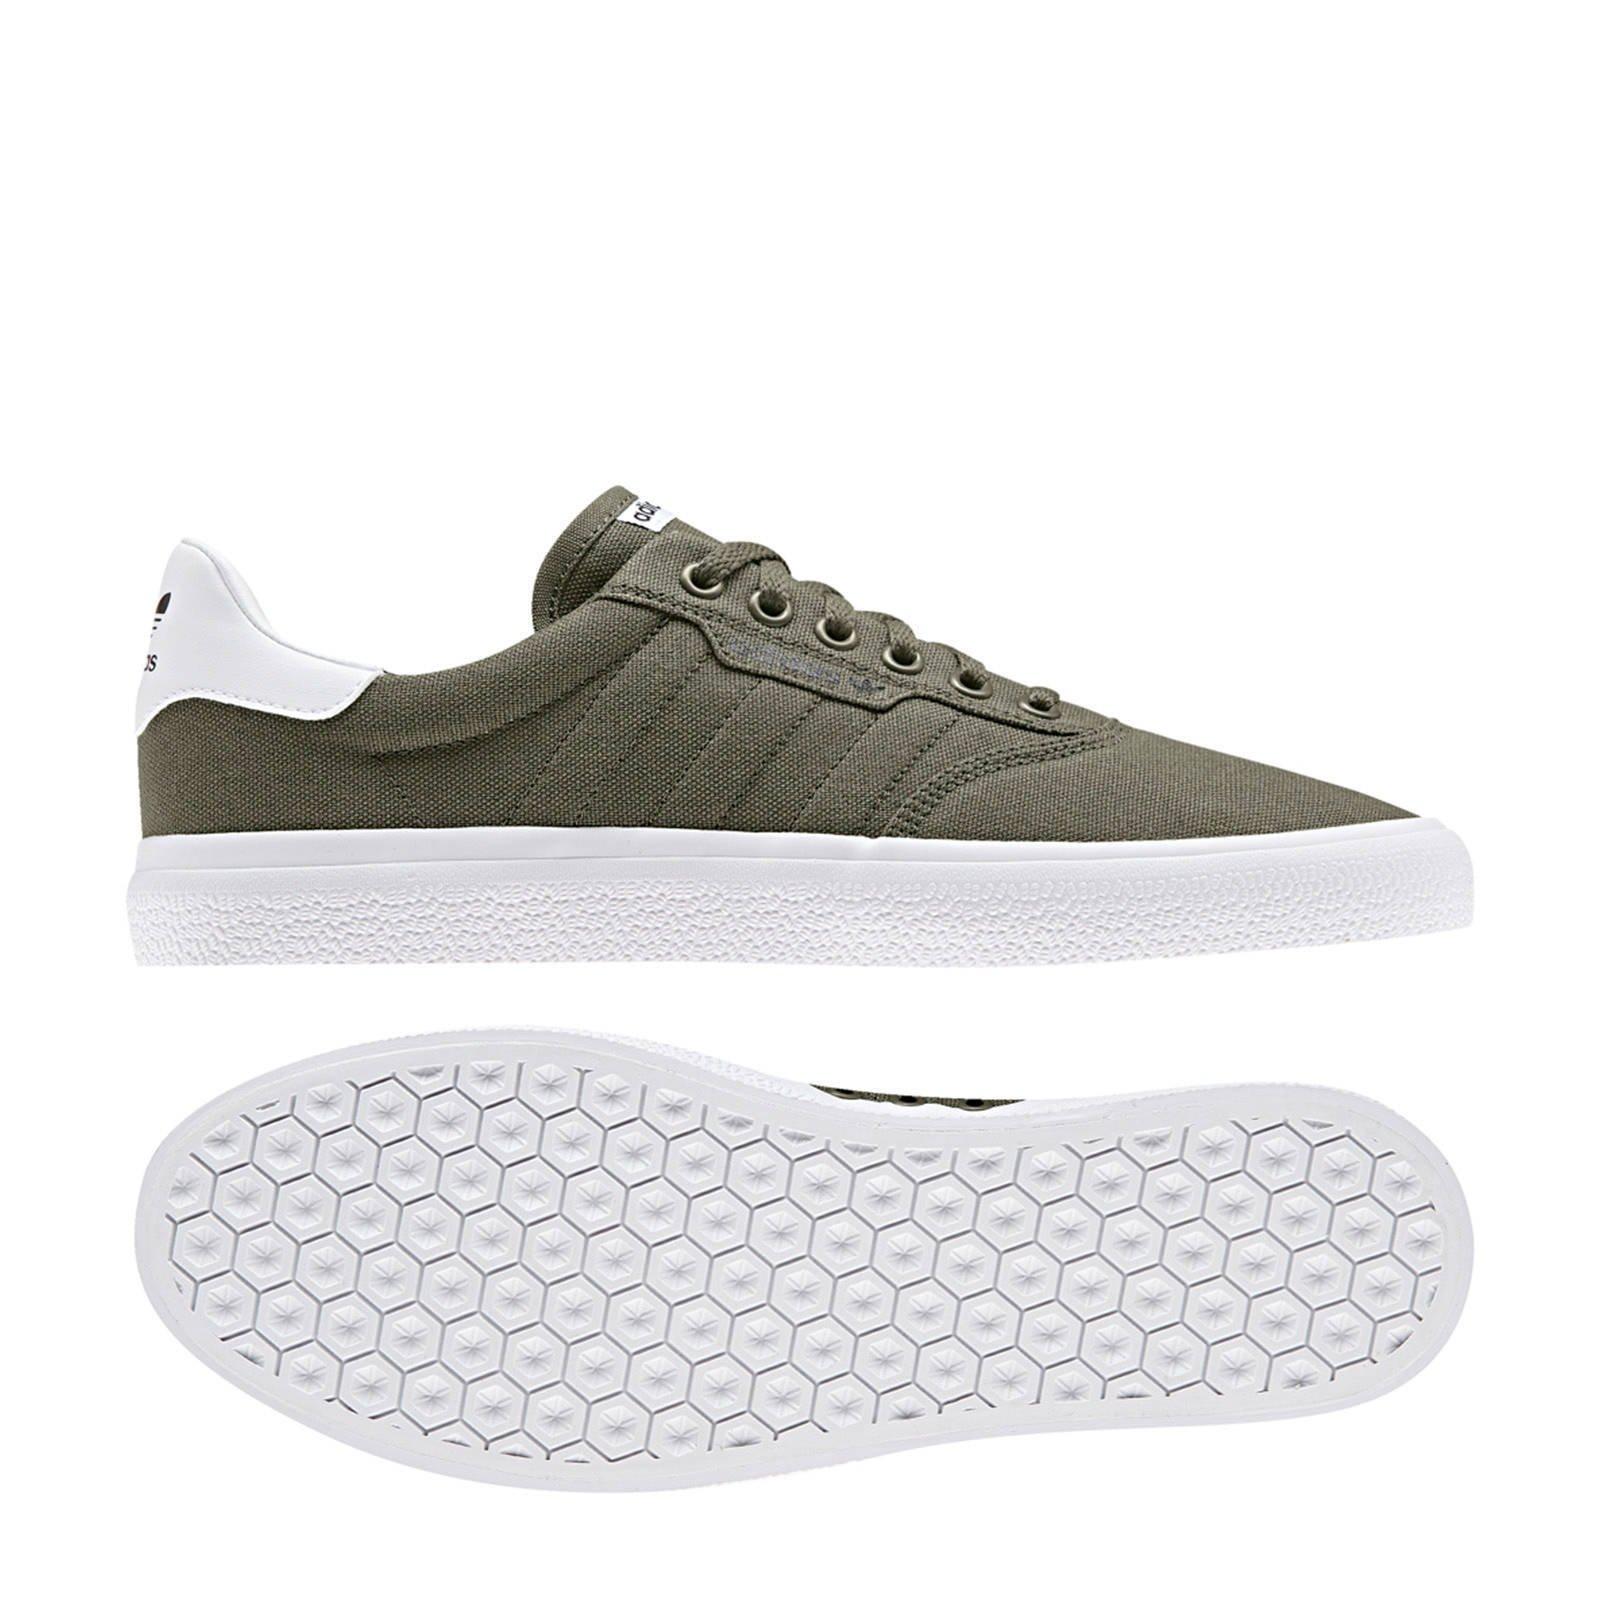 adidas schoenen kaki groen